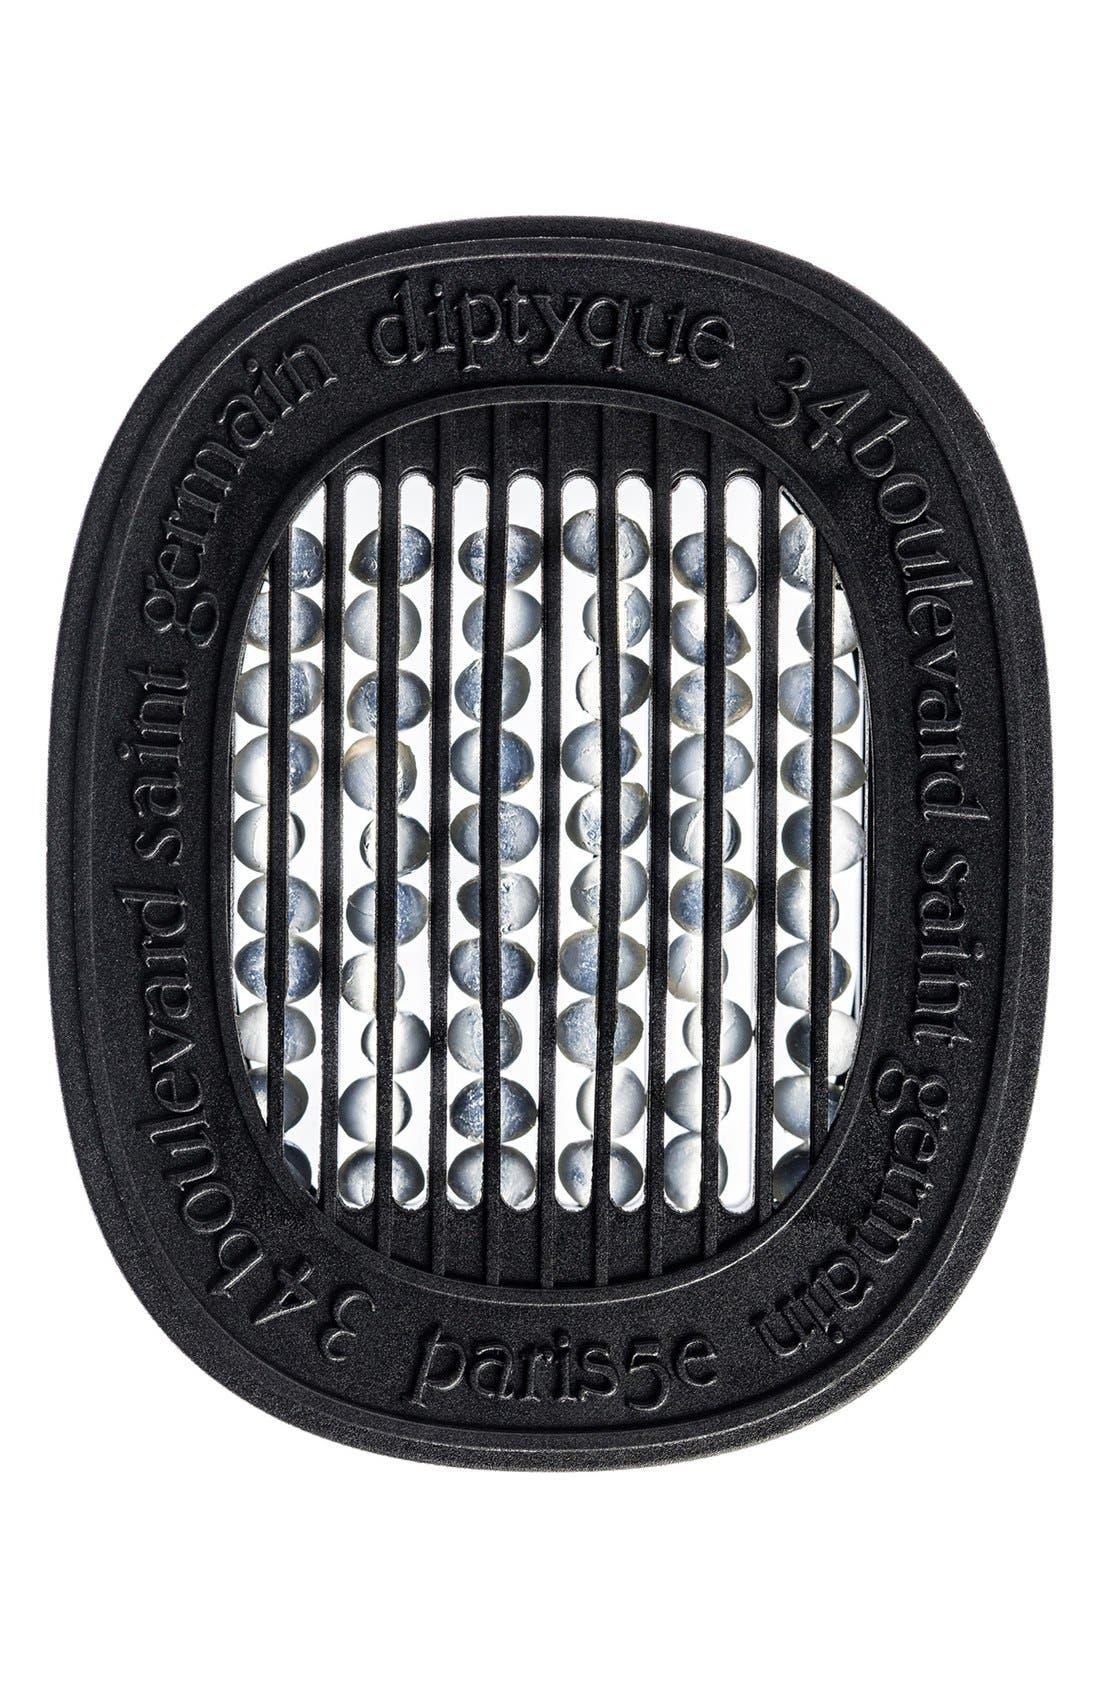 diptyque 'Feu de Bois' Electric Diffuser Cartridge